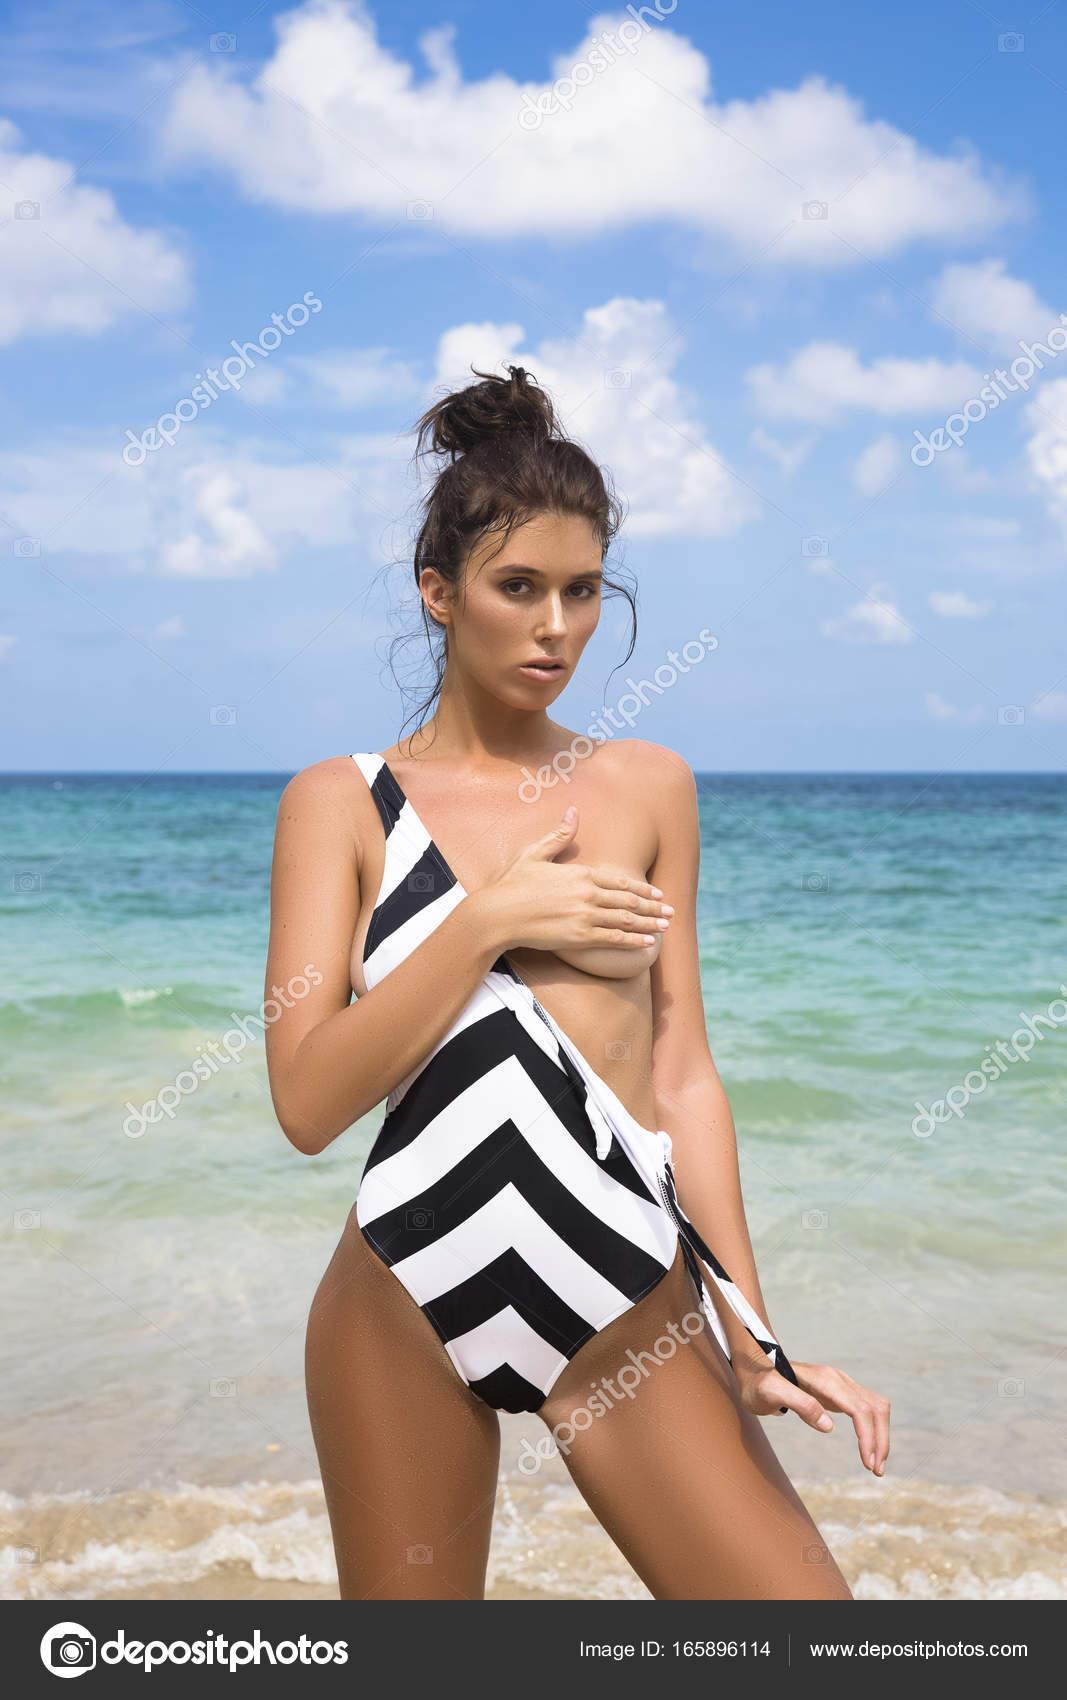 Фотки девушек без бюстгальтера, секс фото с волосатыми крупным планом